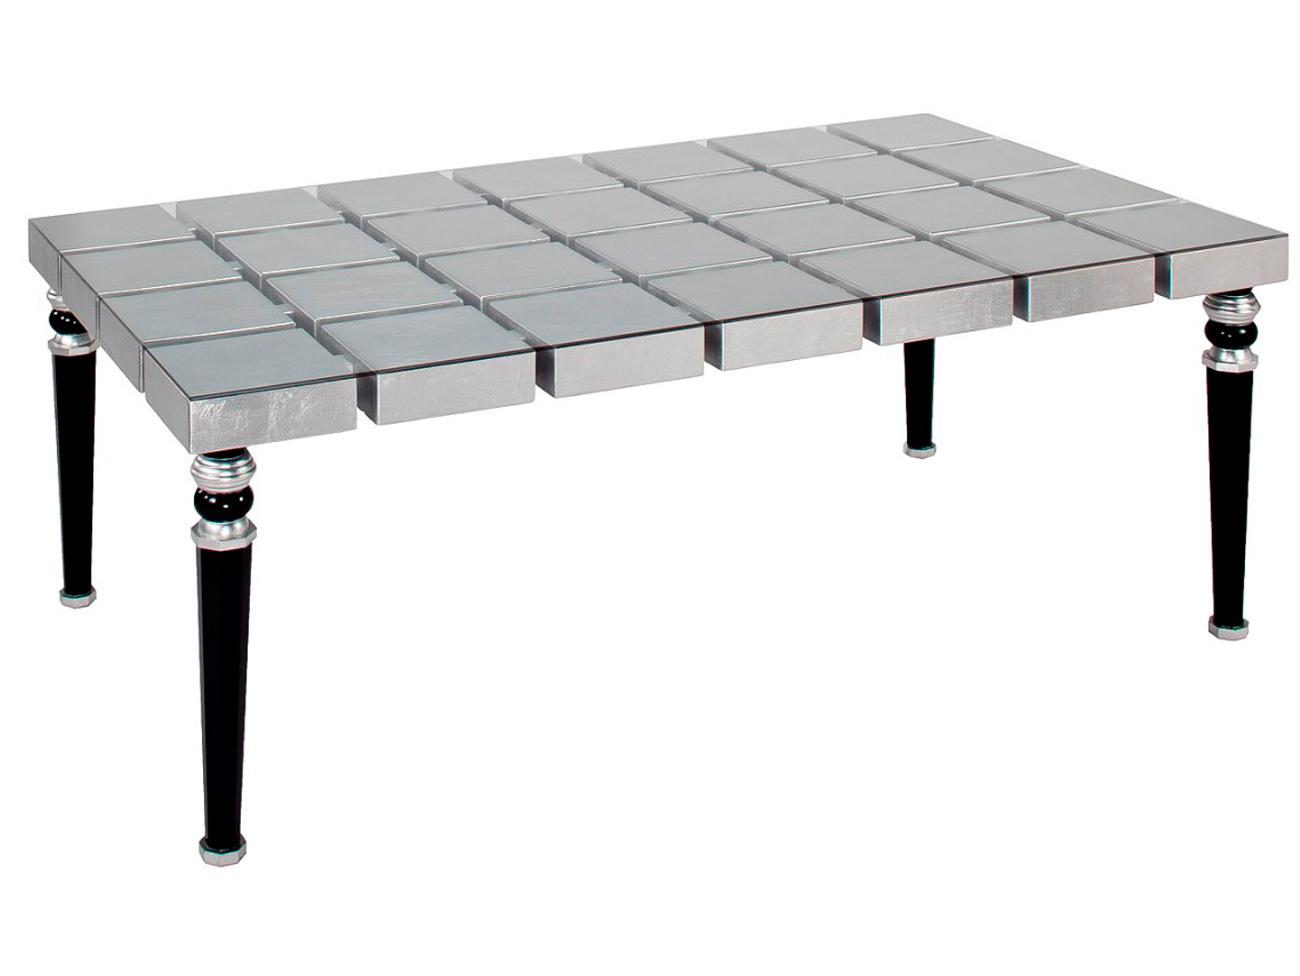 СтолОбеденные столы<br>Стекло в комлект не входит.&amp;amp;nbsp;&amp;lt;div&amp;gt;К этому столу можно дополнительно приобрести стекло на столешницу.&amp;lt;/div&amp;gt;<br><br>Material: МДФ<br>Ширина см: 166.0<br>Высота см: 76.0<br>Глубина см: 109.0